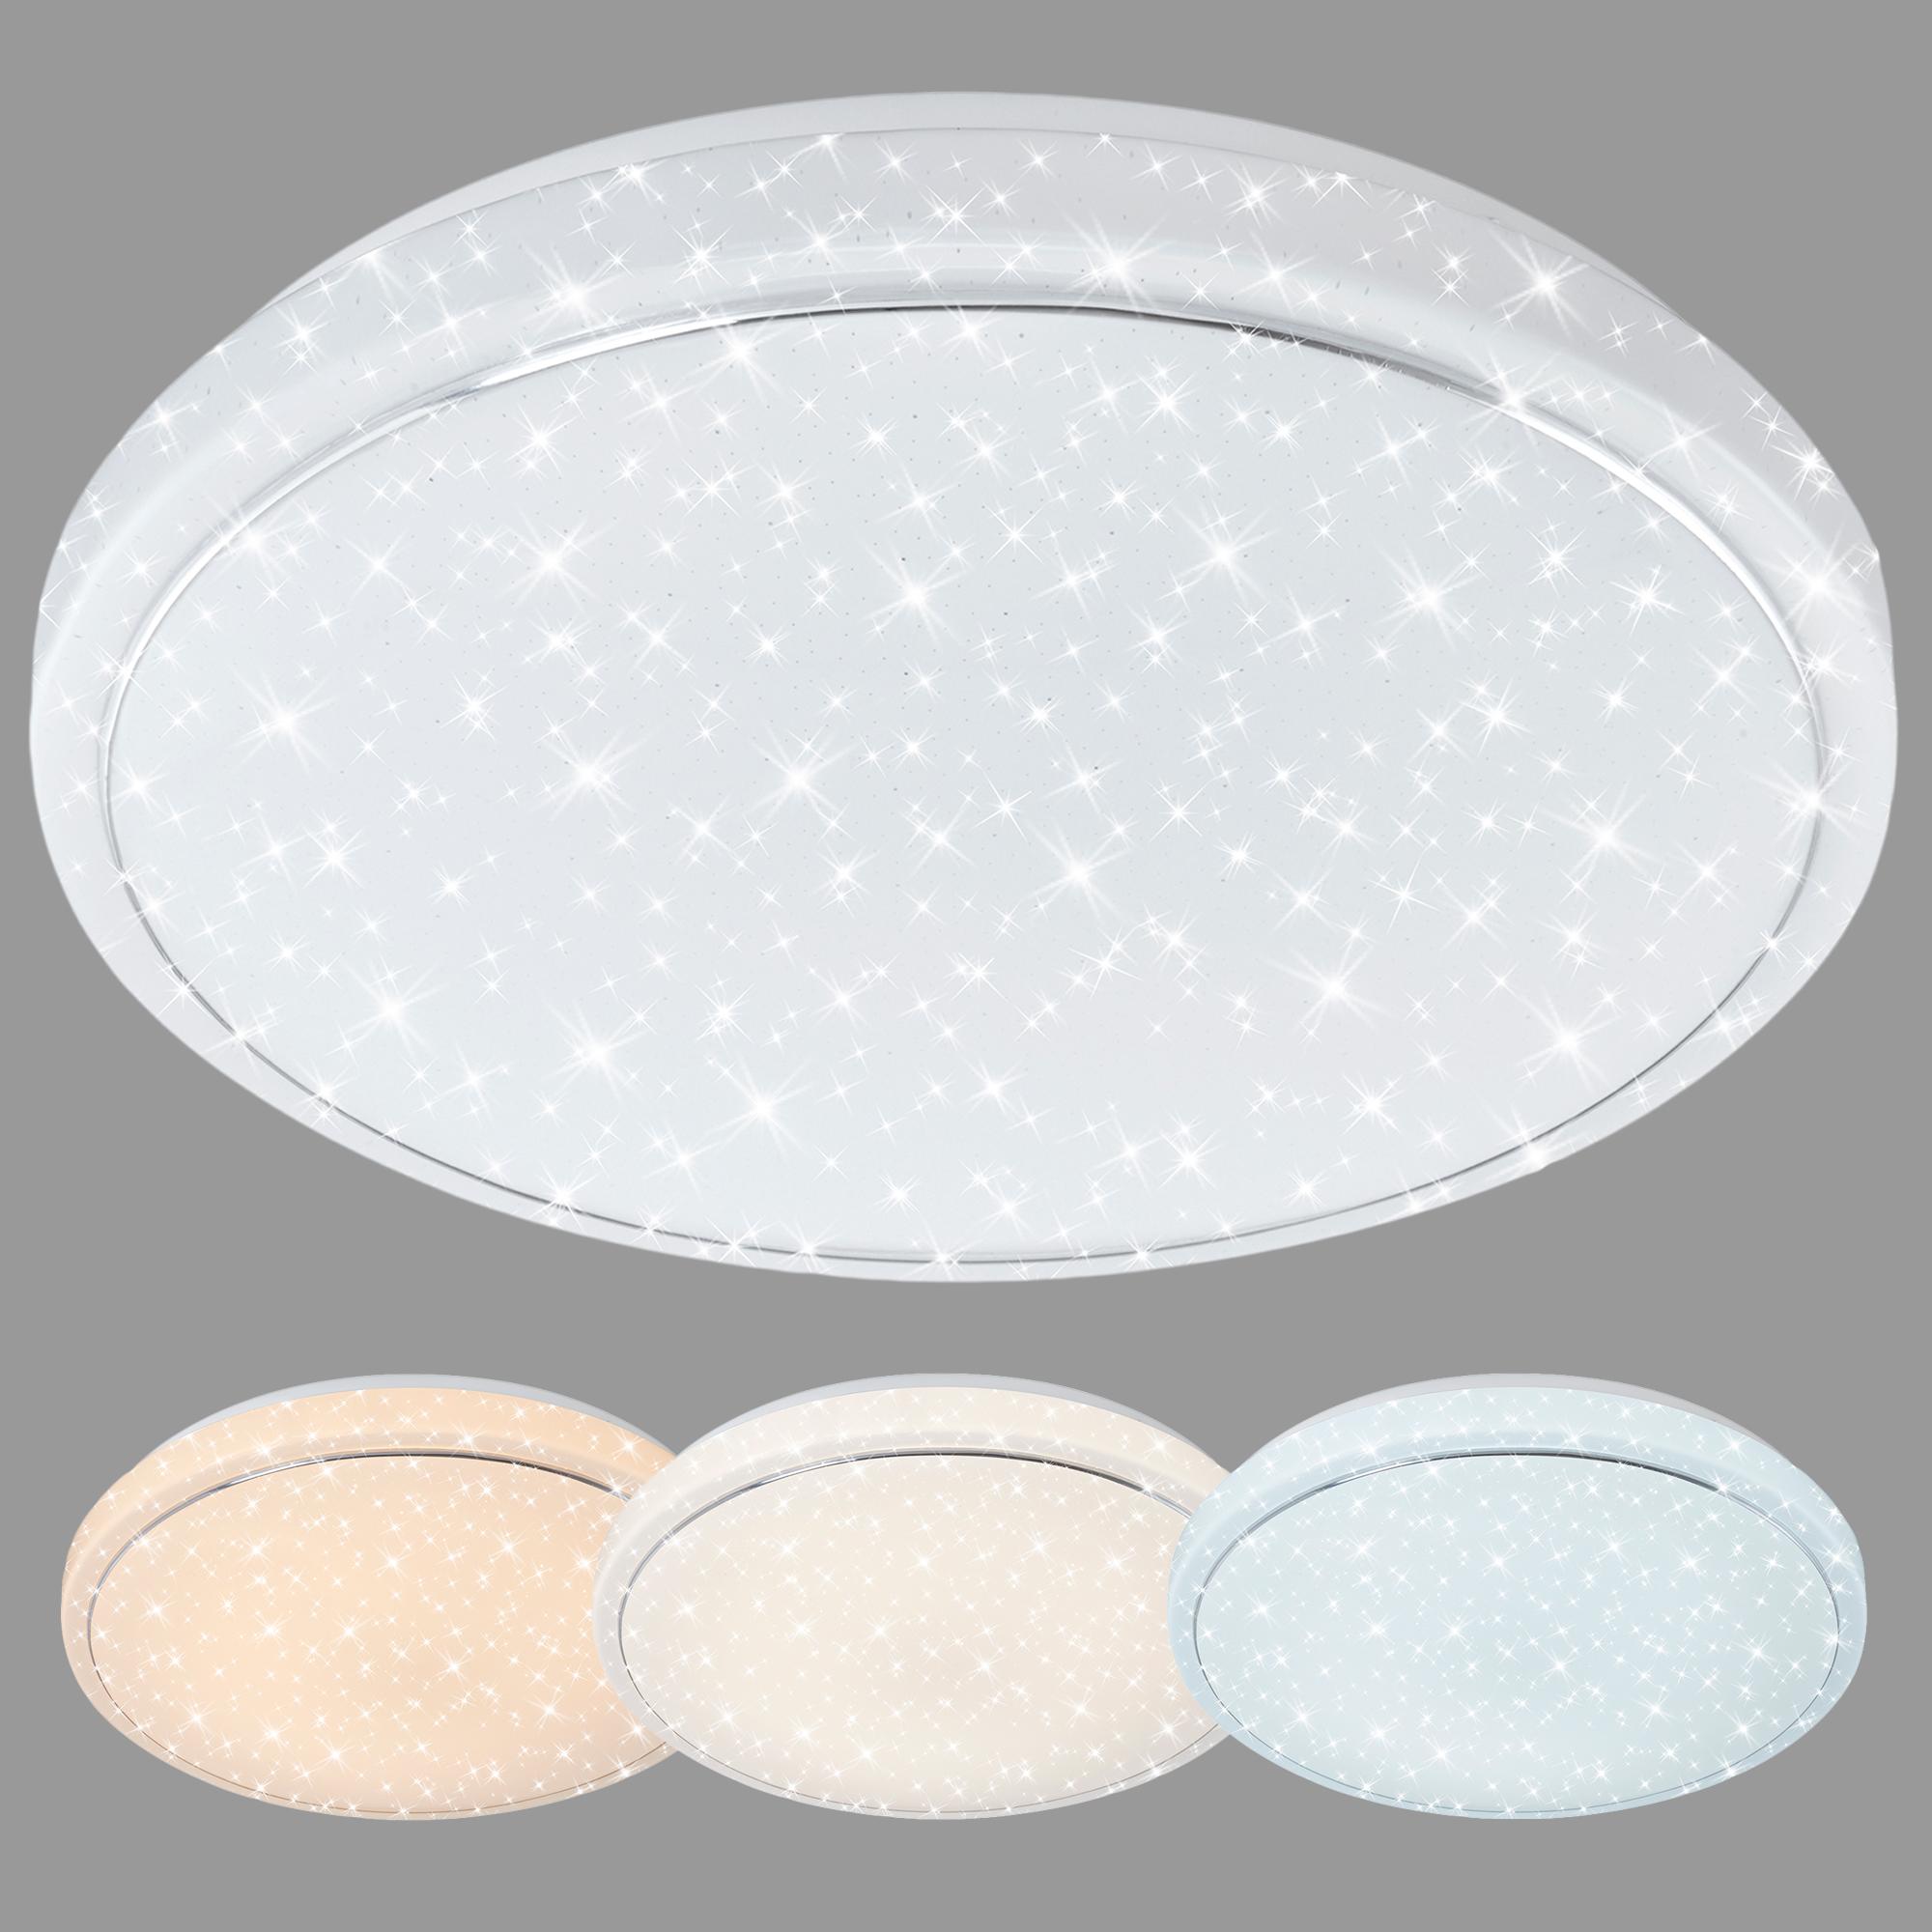 STERNENHIMMEL LED Deckenleuchte, Ø 38 cm, 23 W, Weiss